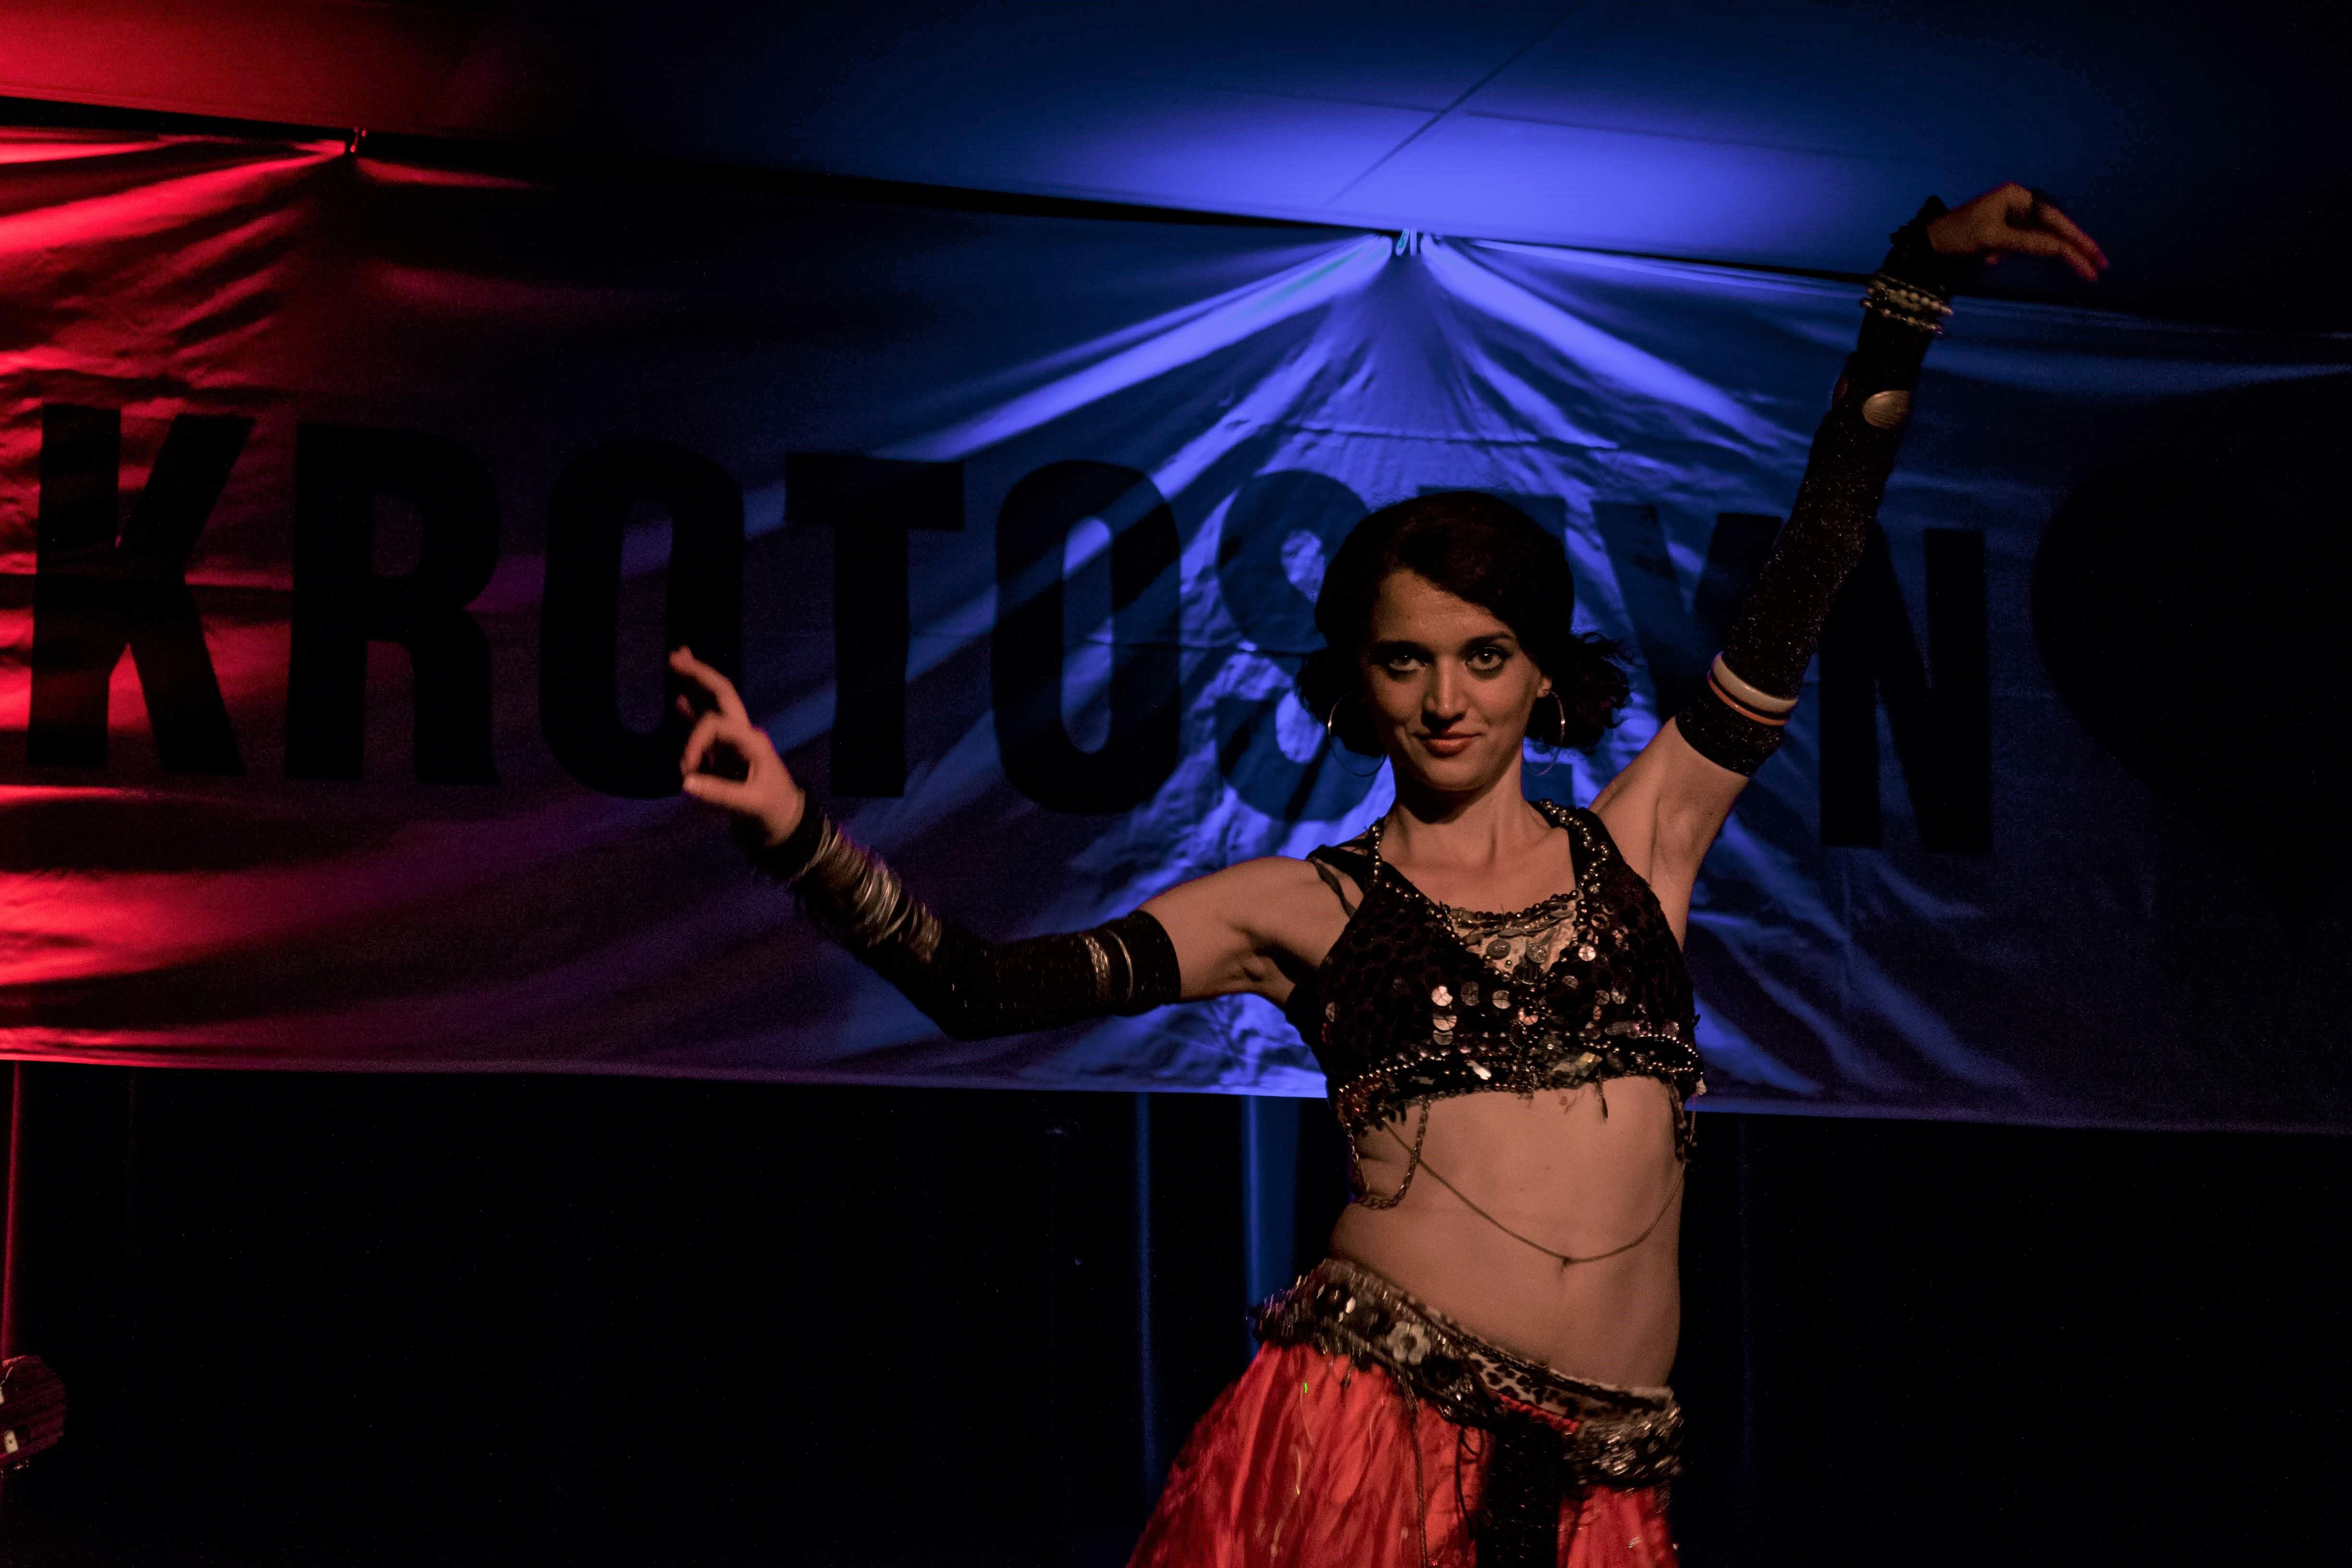 Występ Dancer Lucy w Krotoszyńskim Ośrodku Kultury podczas festiwalu BuskerBus